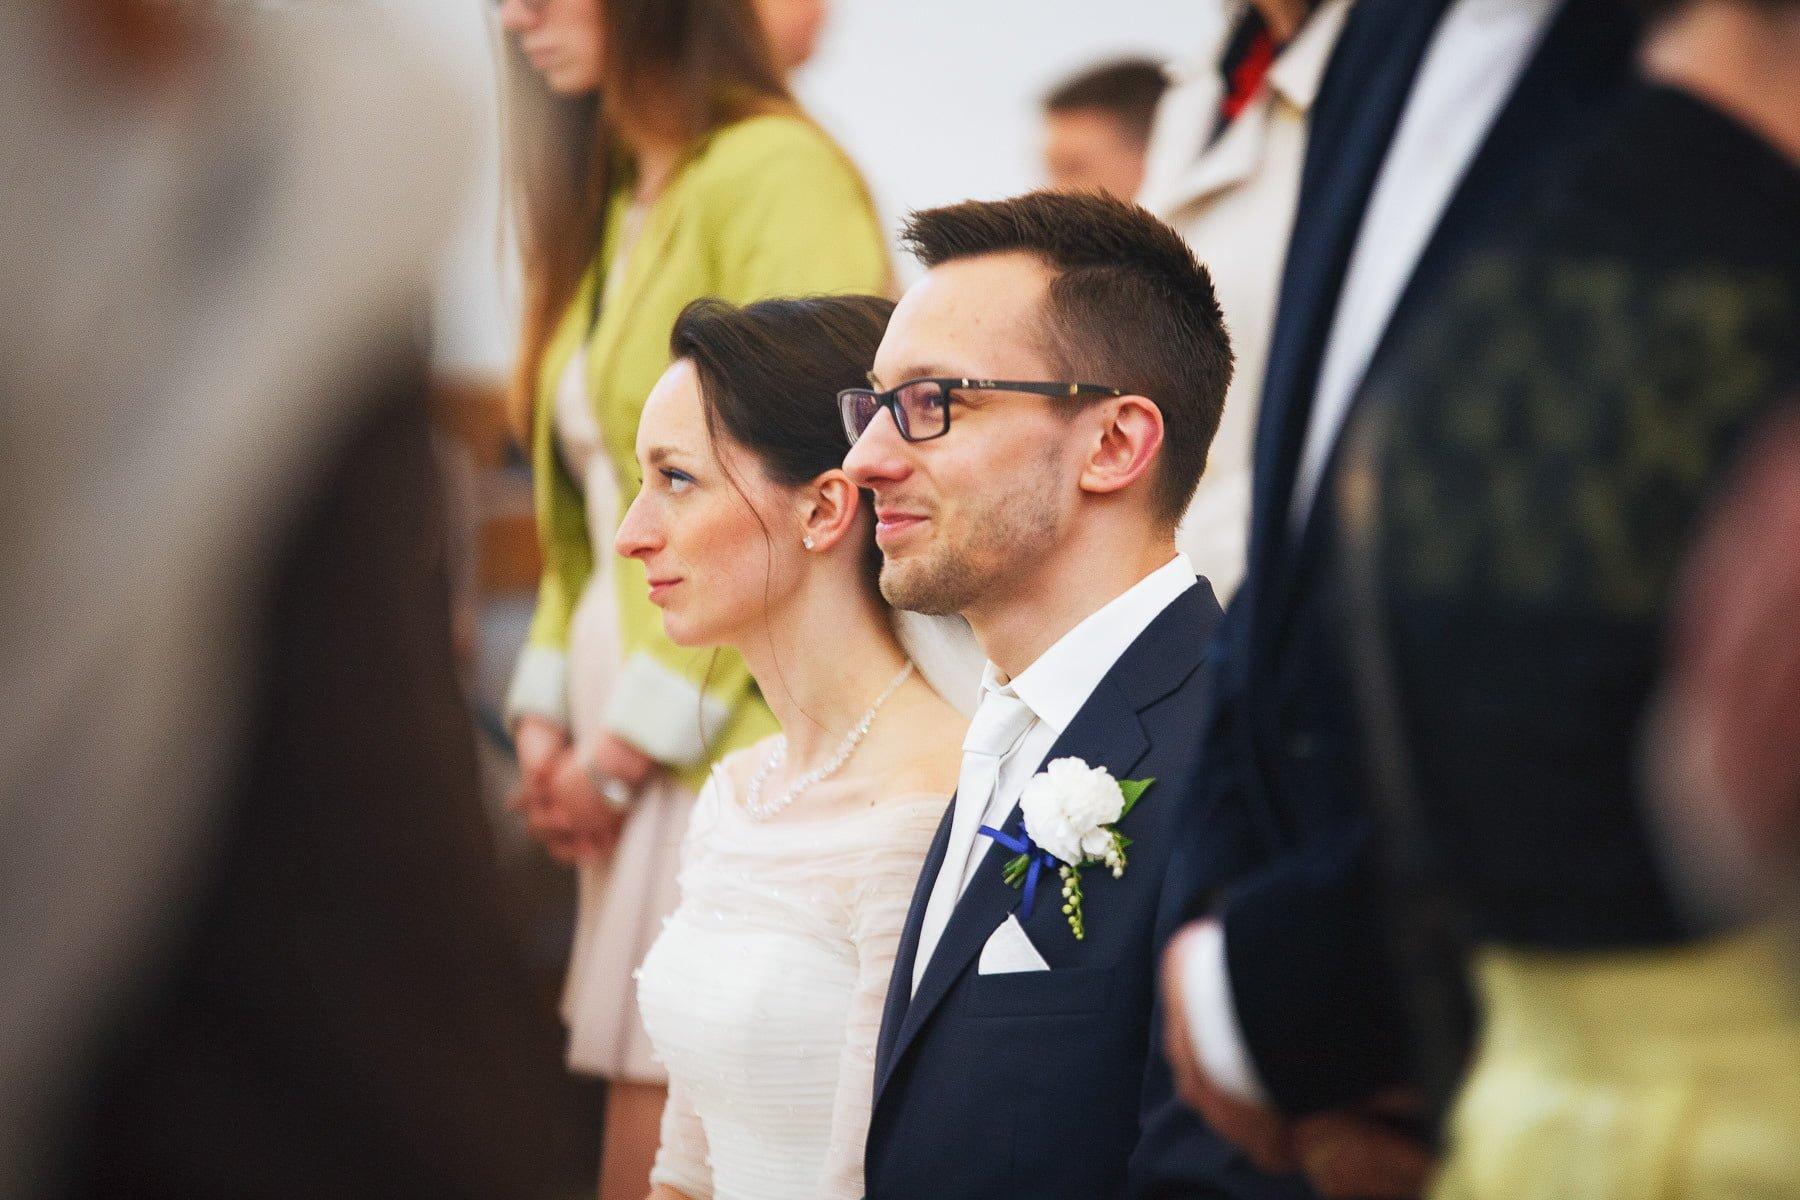 fotograf slub bielsko biala ania maciej 73 - Ślub w Bielsku-Białej - ANIA & MACIEJ